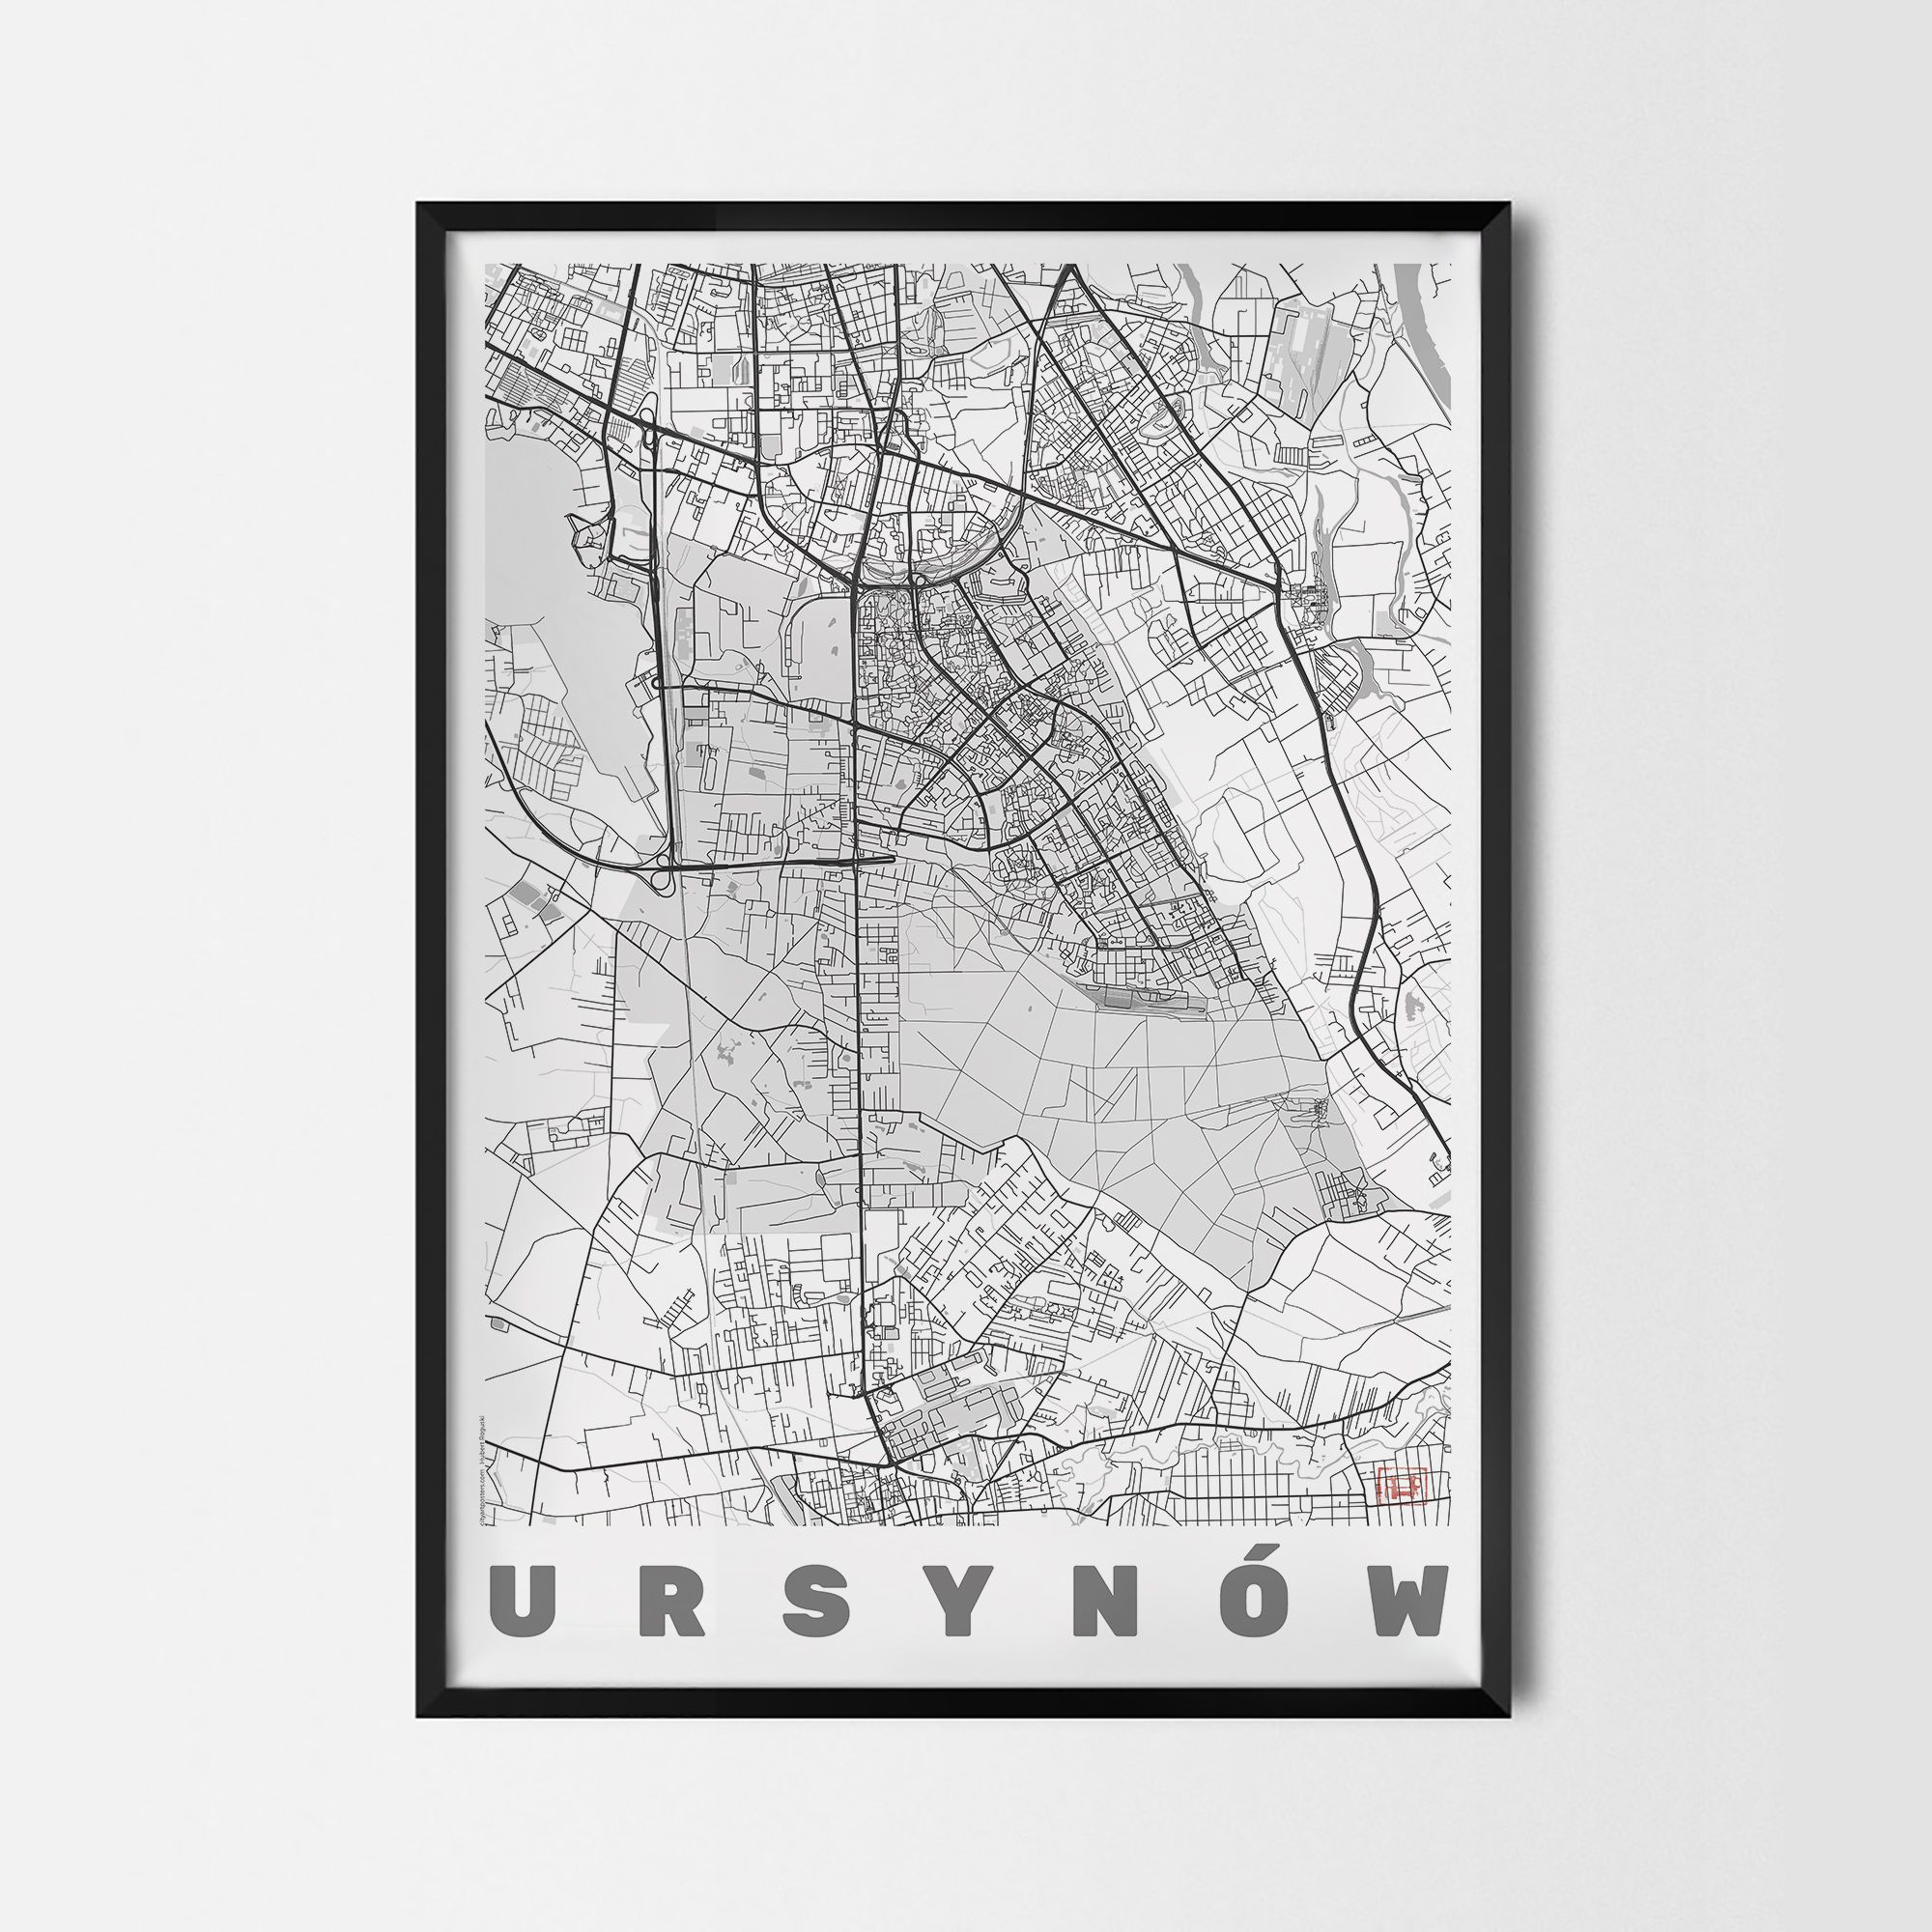 Plakat dzielnicy Warszawy Ursynów